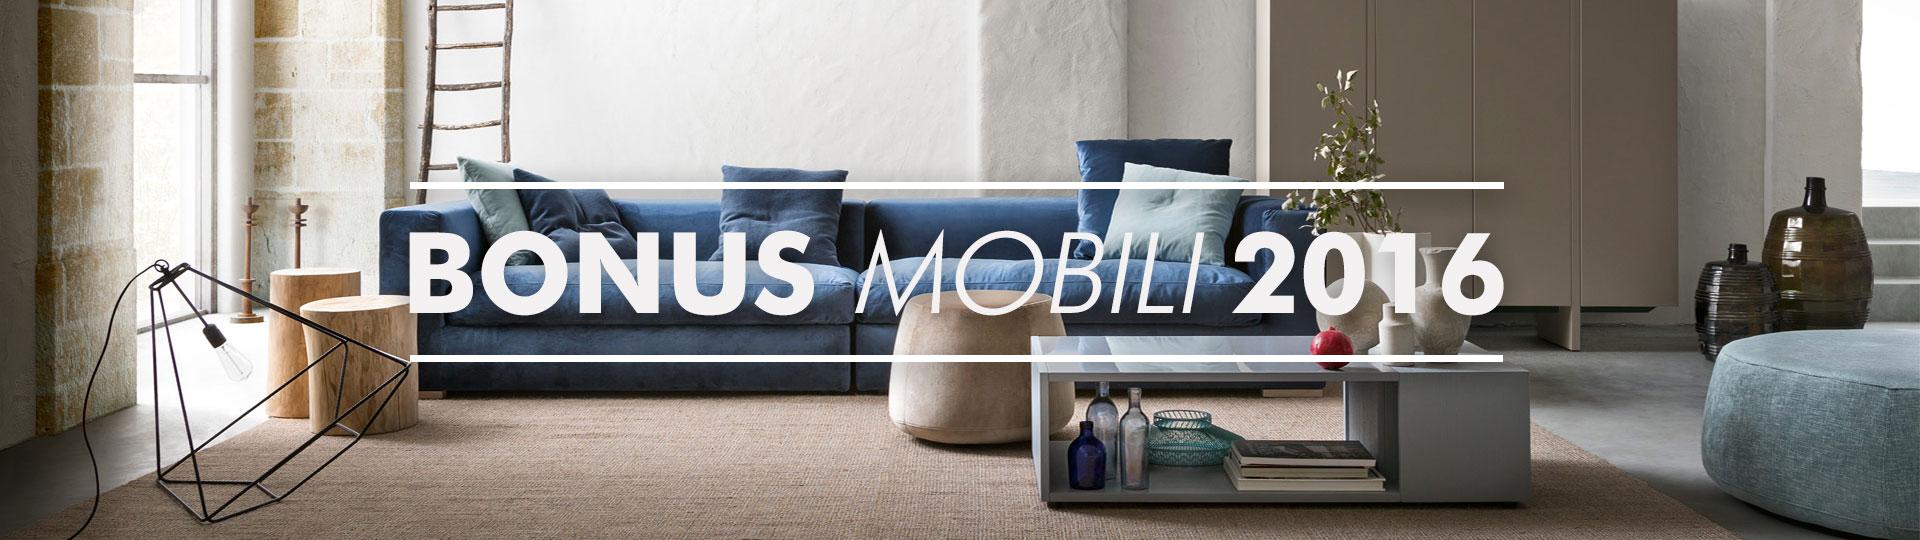 Bonus Mobili 2016